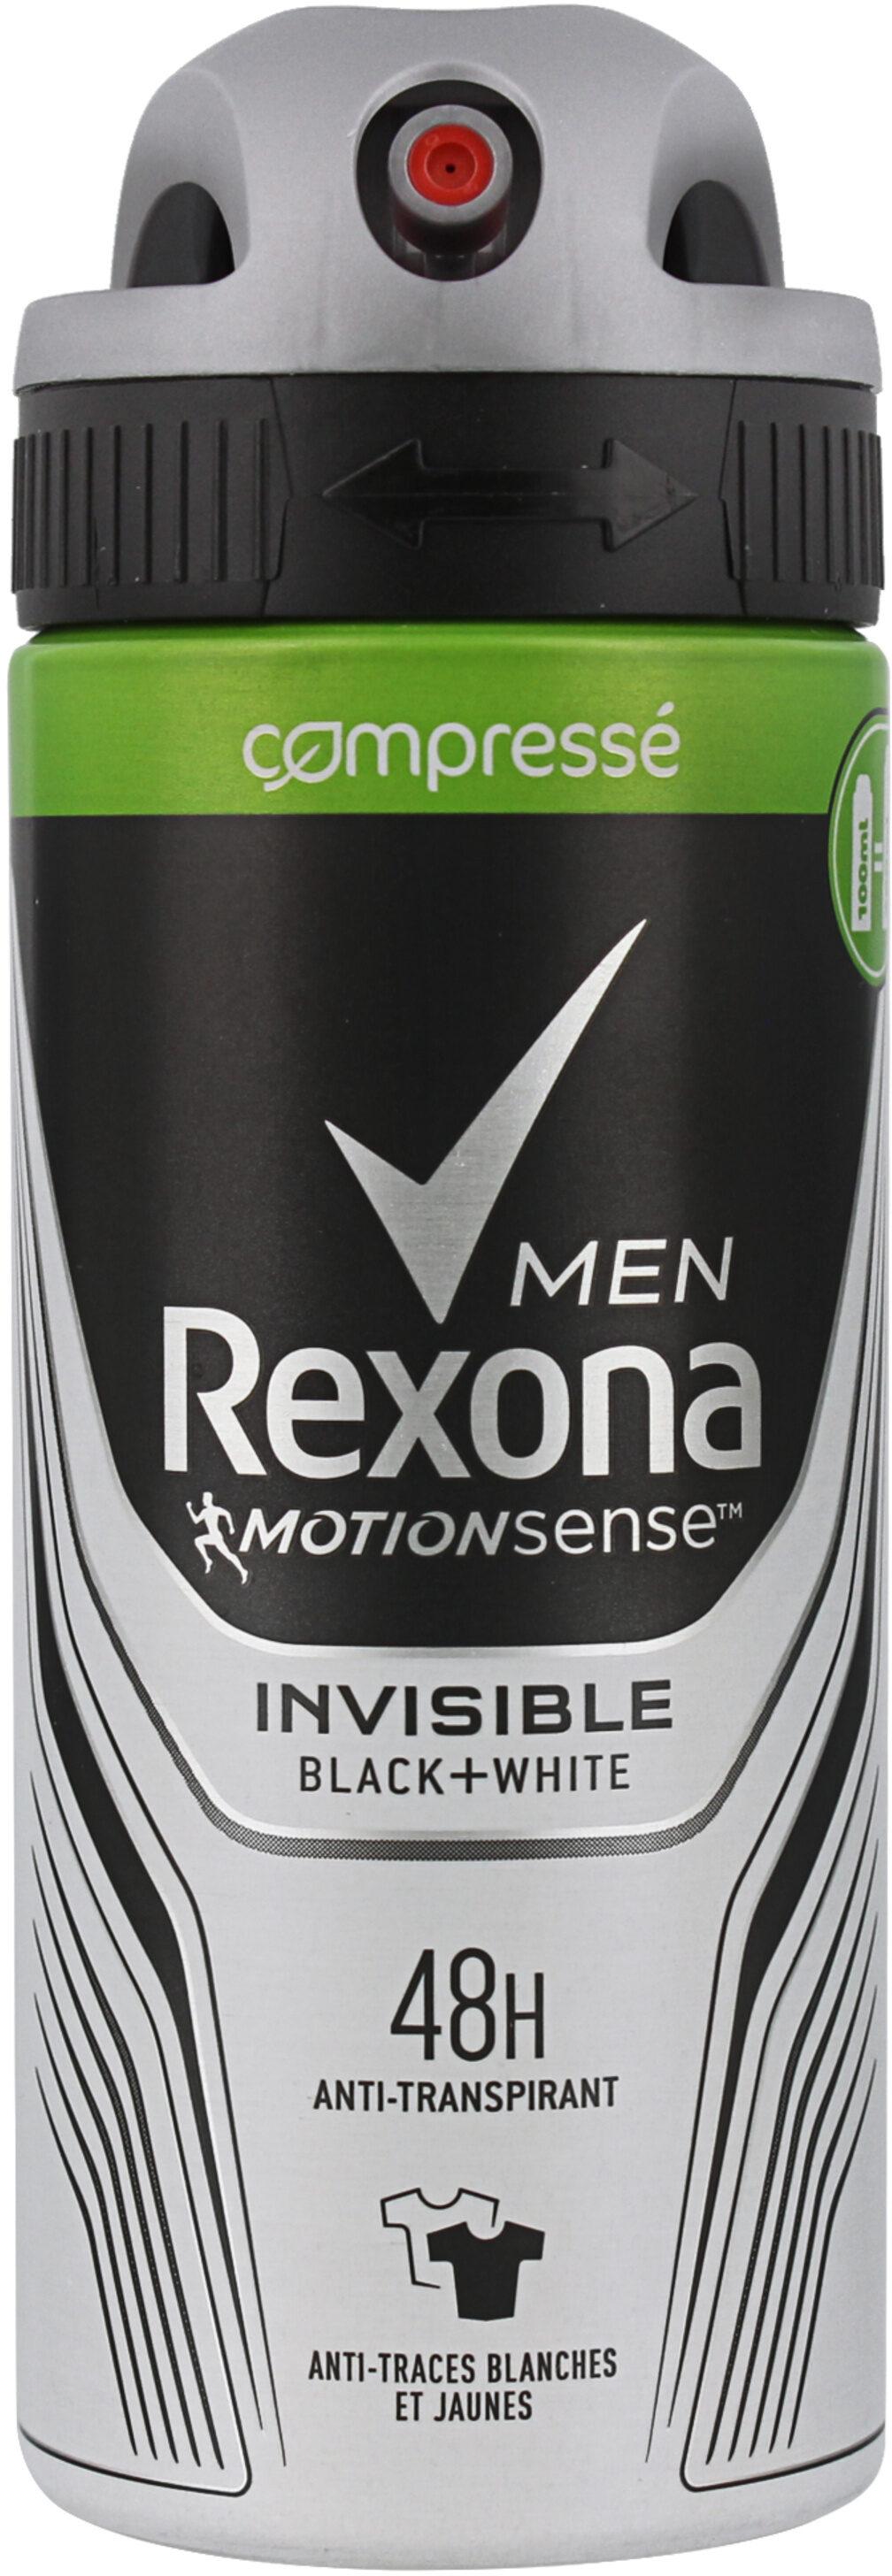 REXONA Men Anti-Transpirant Invisible Black & White - Produit - fr